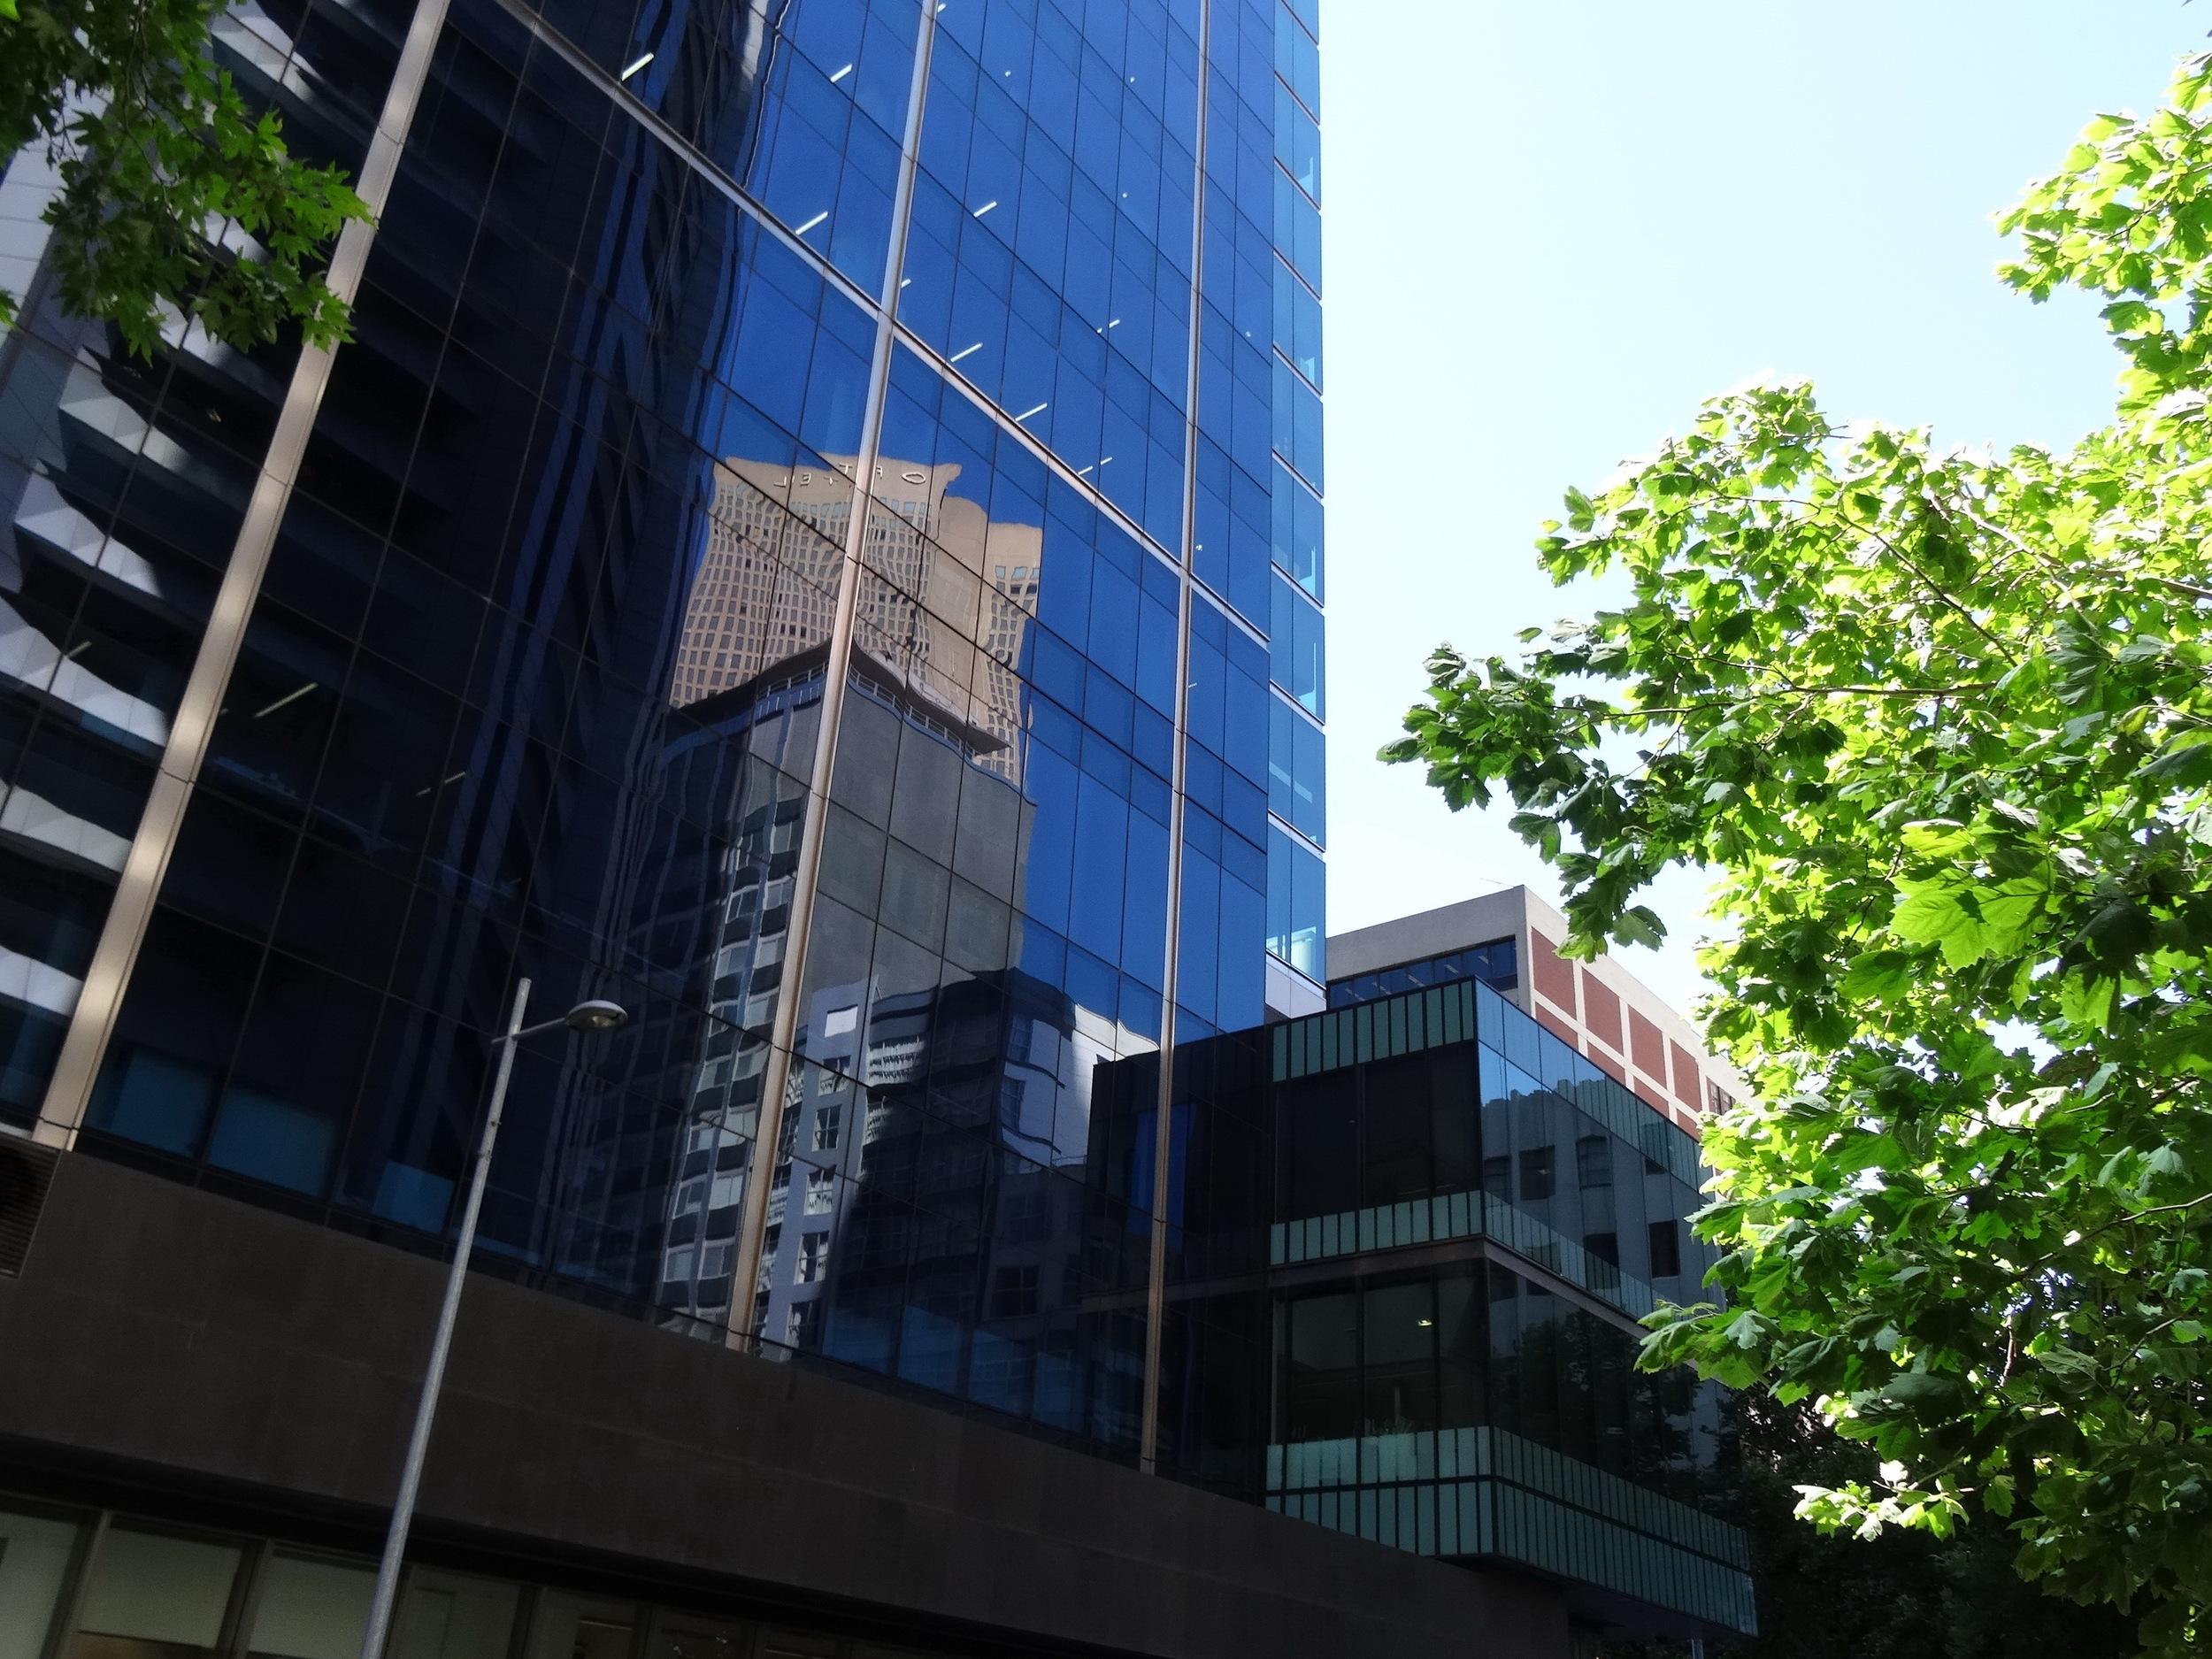 Melbourne DSC04621 Australia.jpg